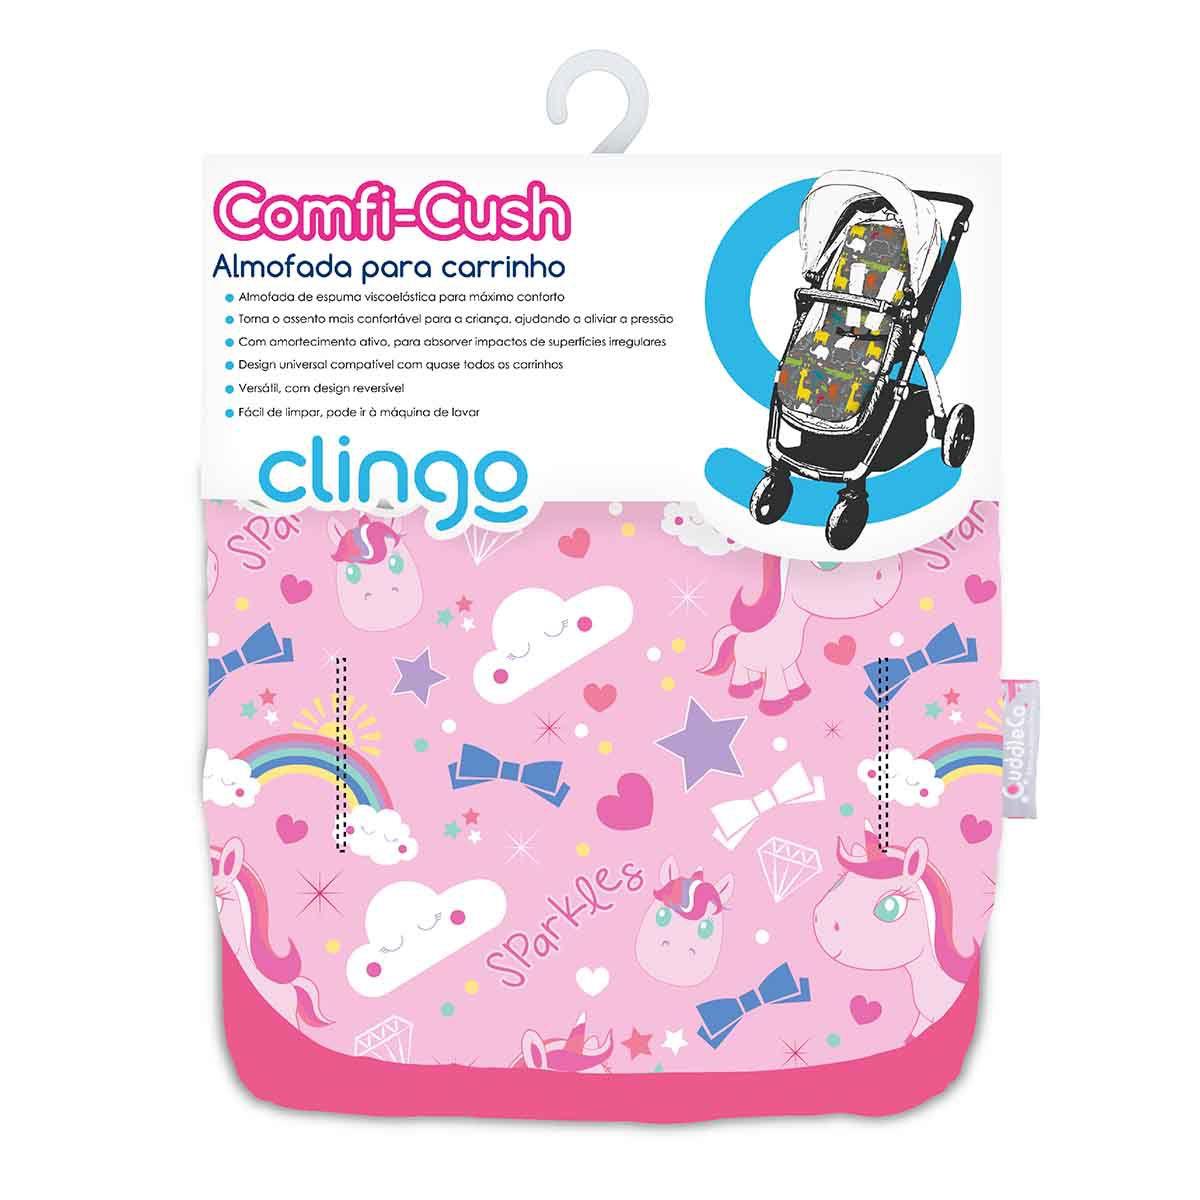 Almofada Carrinho Comfi Cush - Sparkles - Clingo